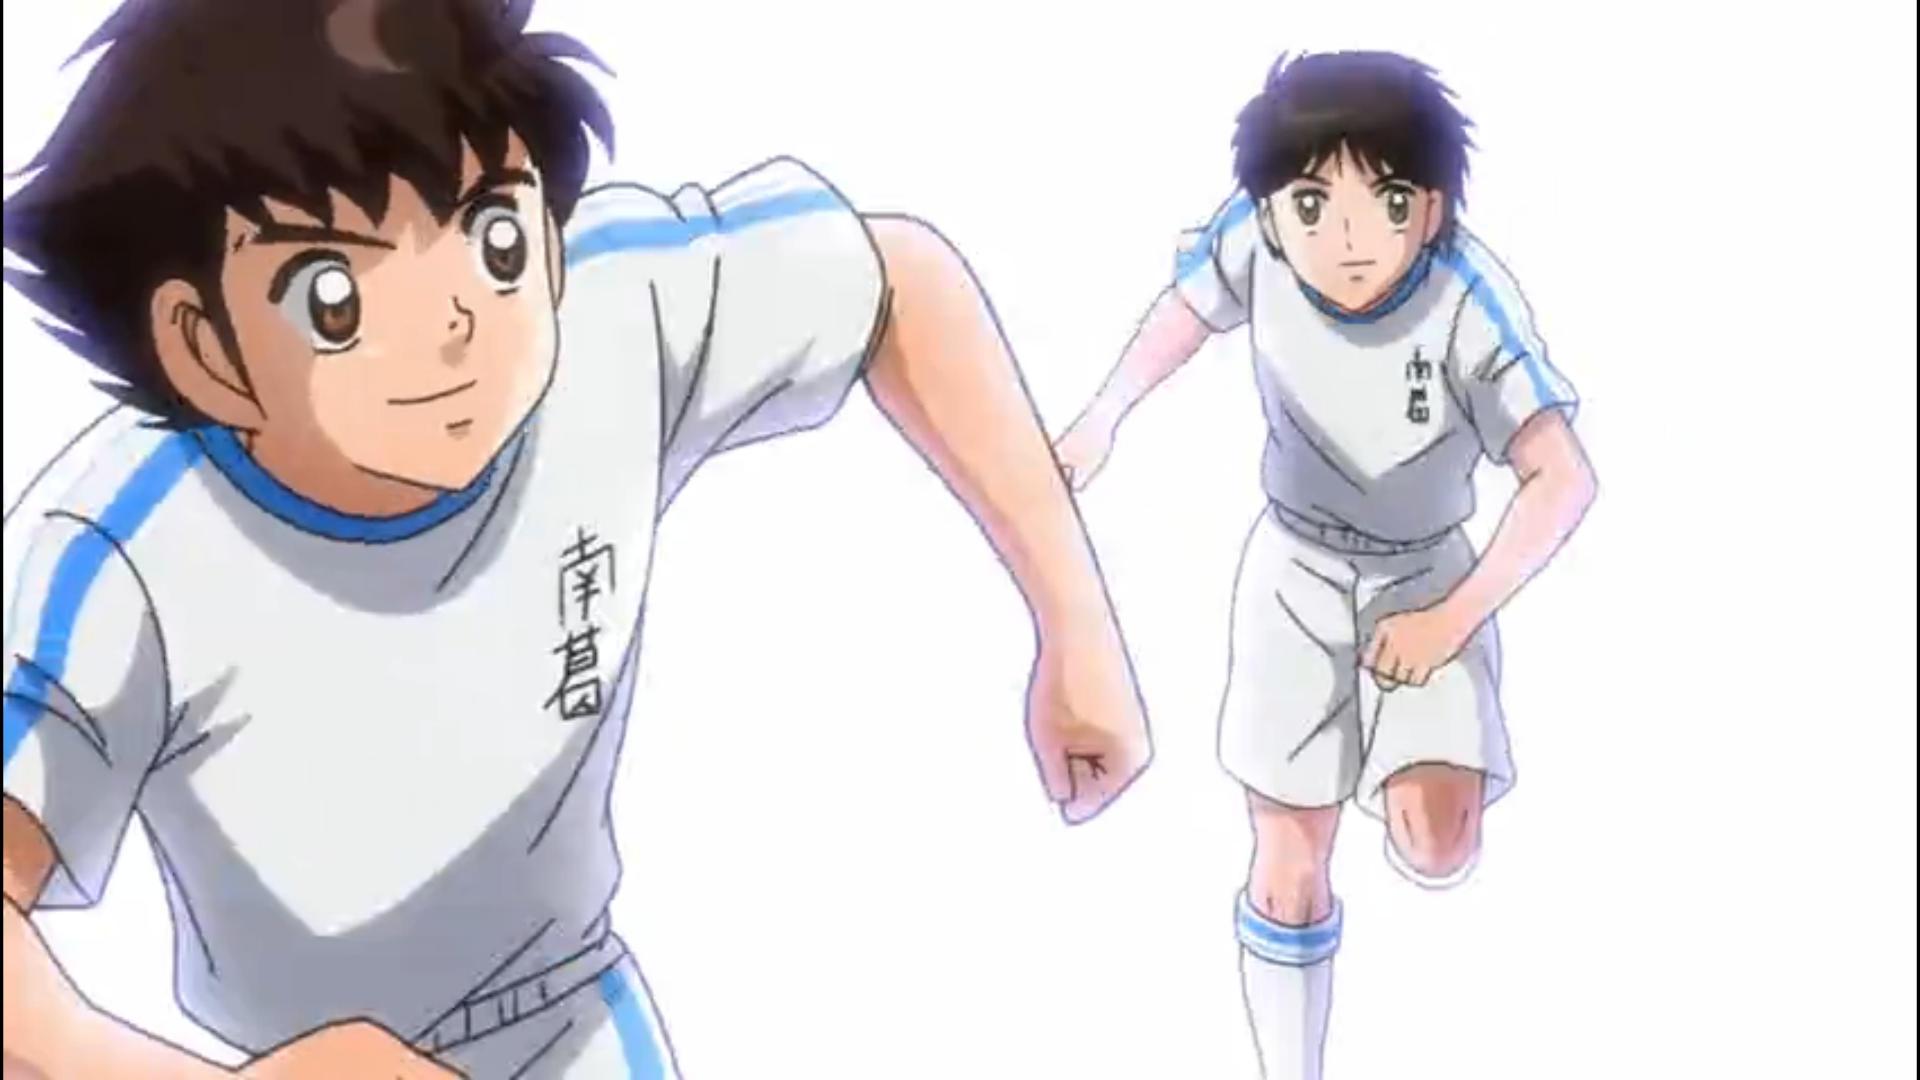 anime_2010_20180524213807de9.jpg